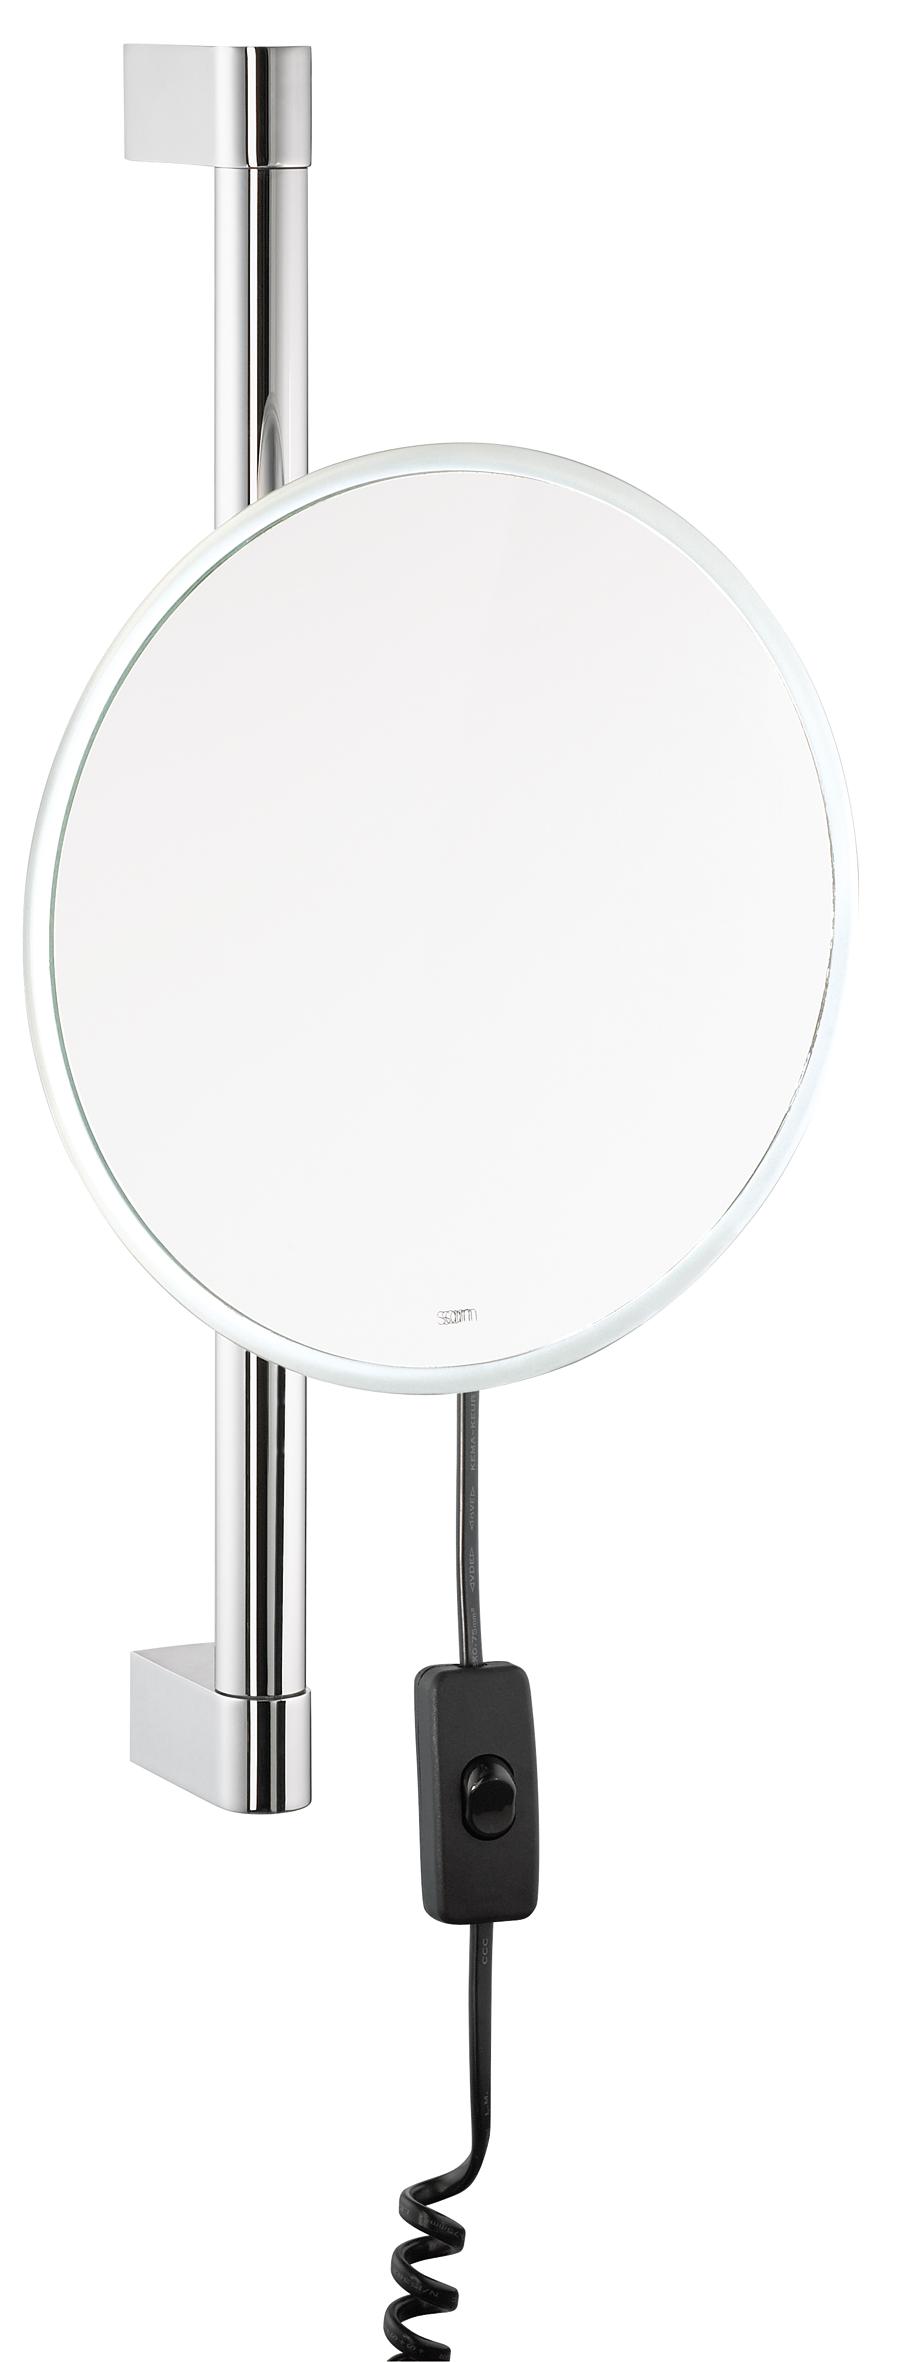 Tilbud på Sam Miro kosmetikspejl med LED lys på højderegulerbar stang